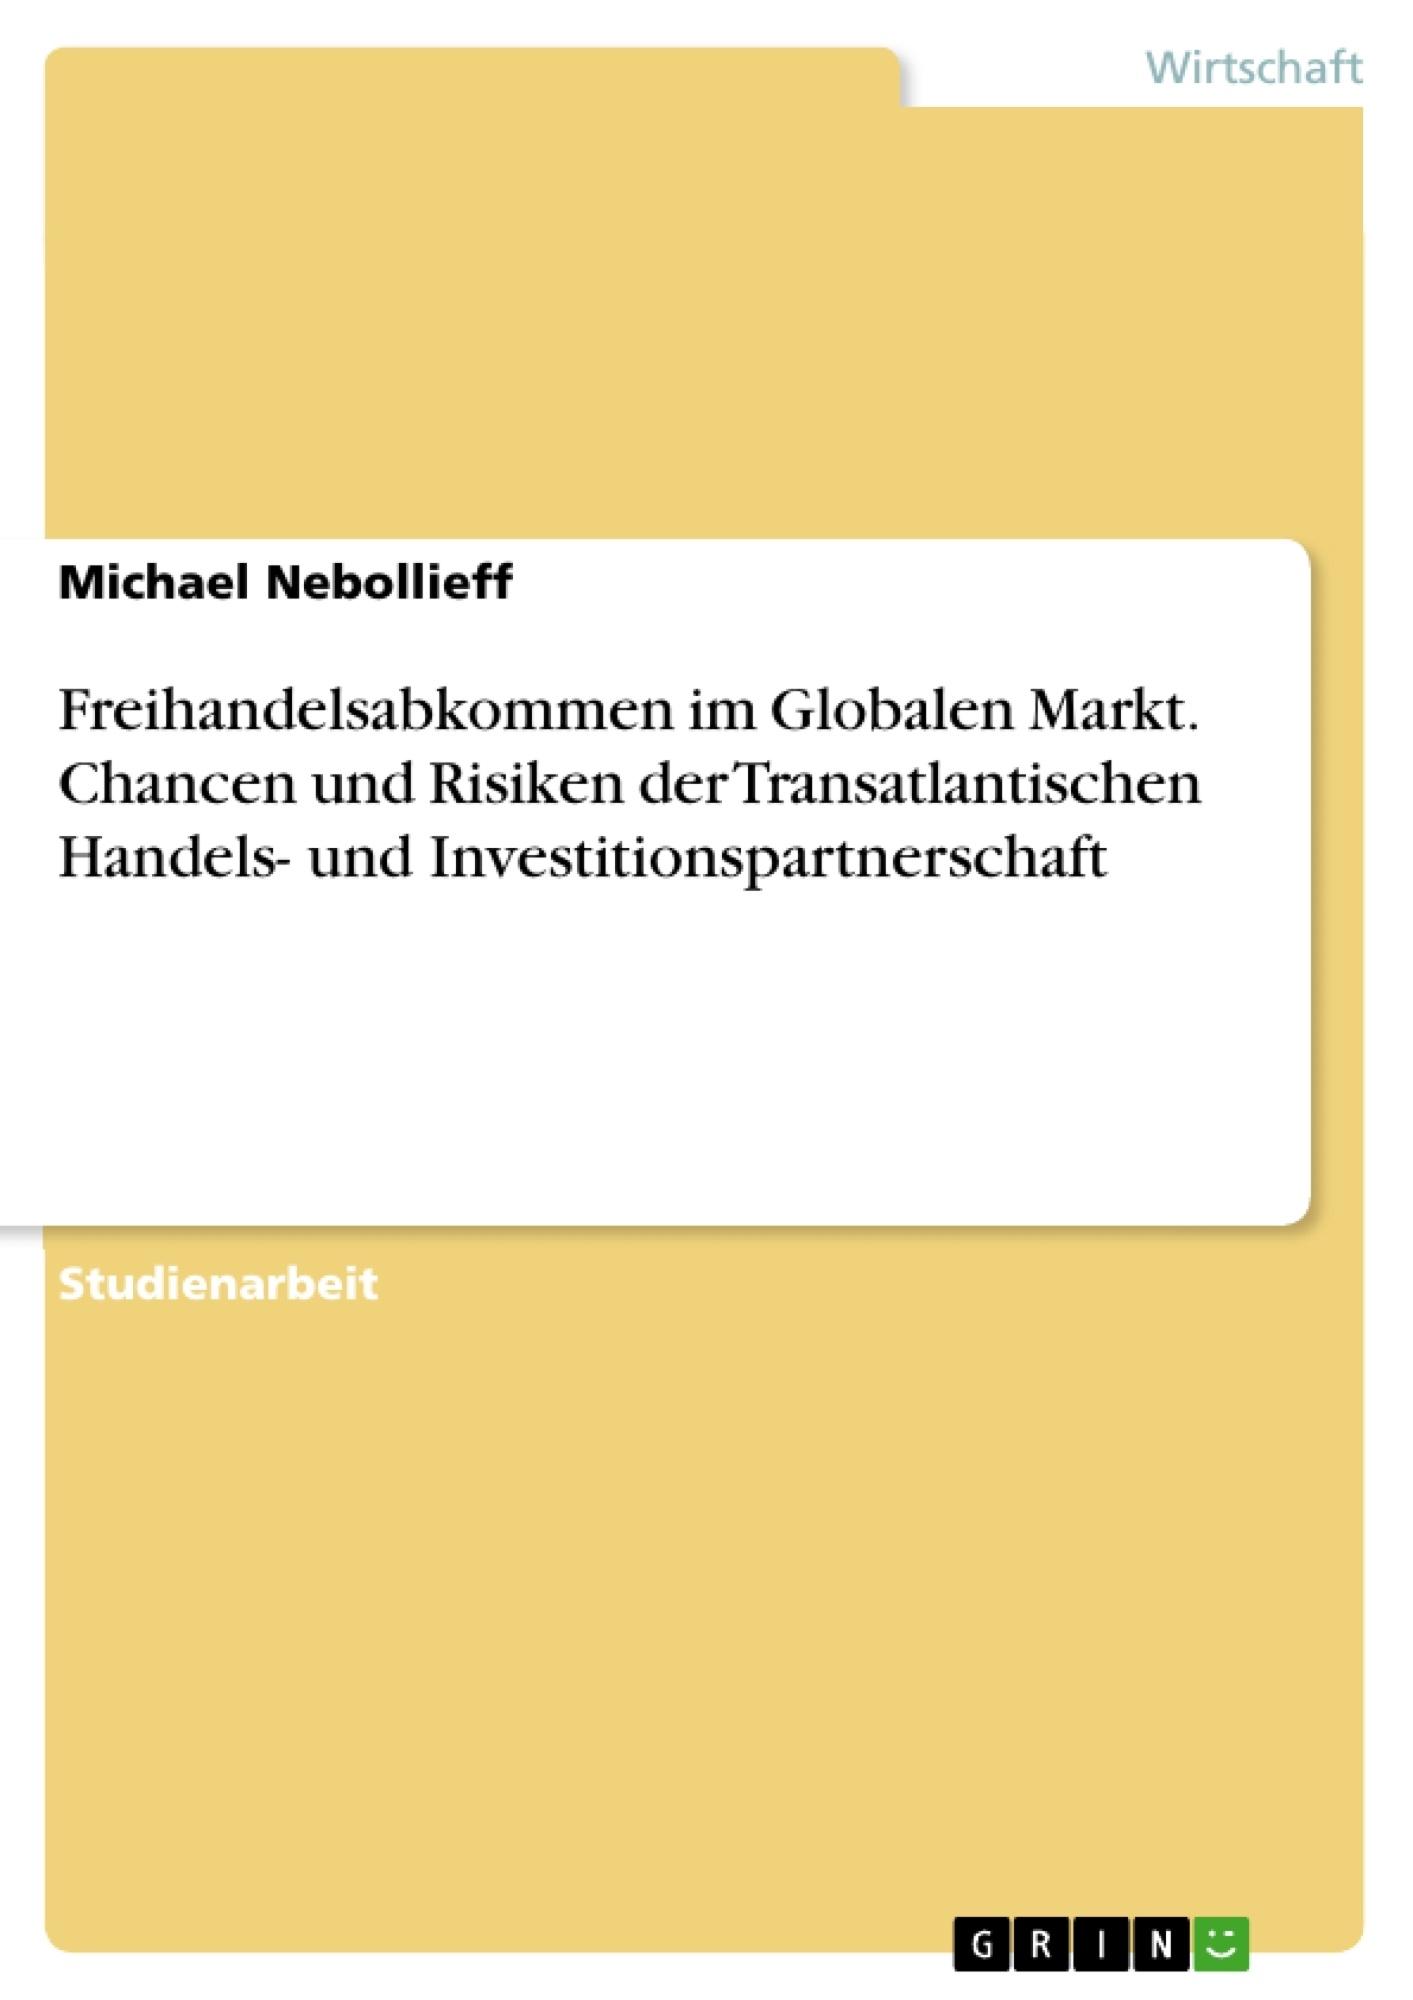 Titel: Freihandelsabkommen im Globalen Markt. Chancen und Risiken der Transatlantischen Handels- und Investitionspartnerschaft